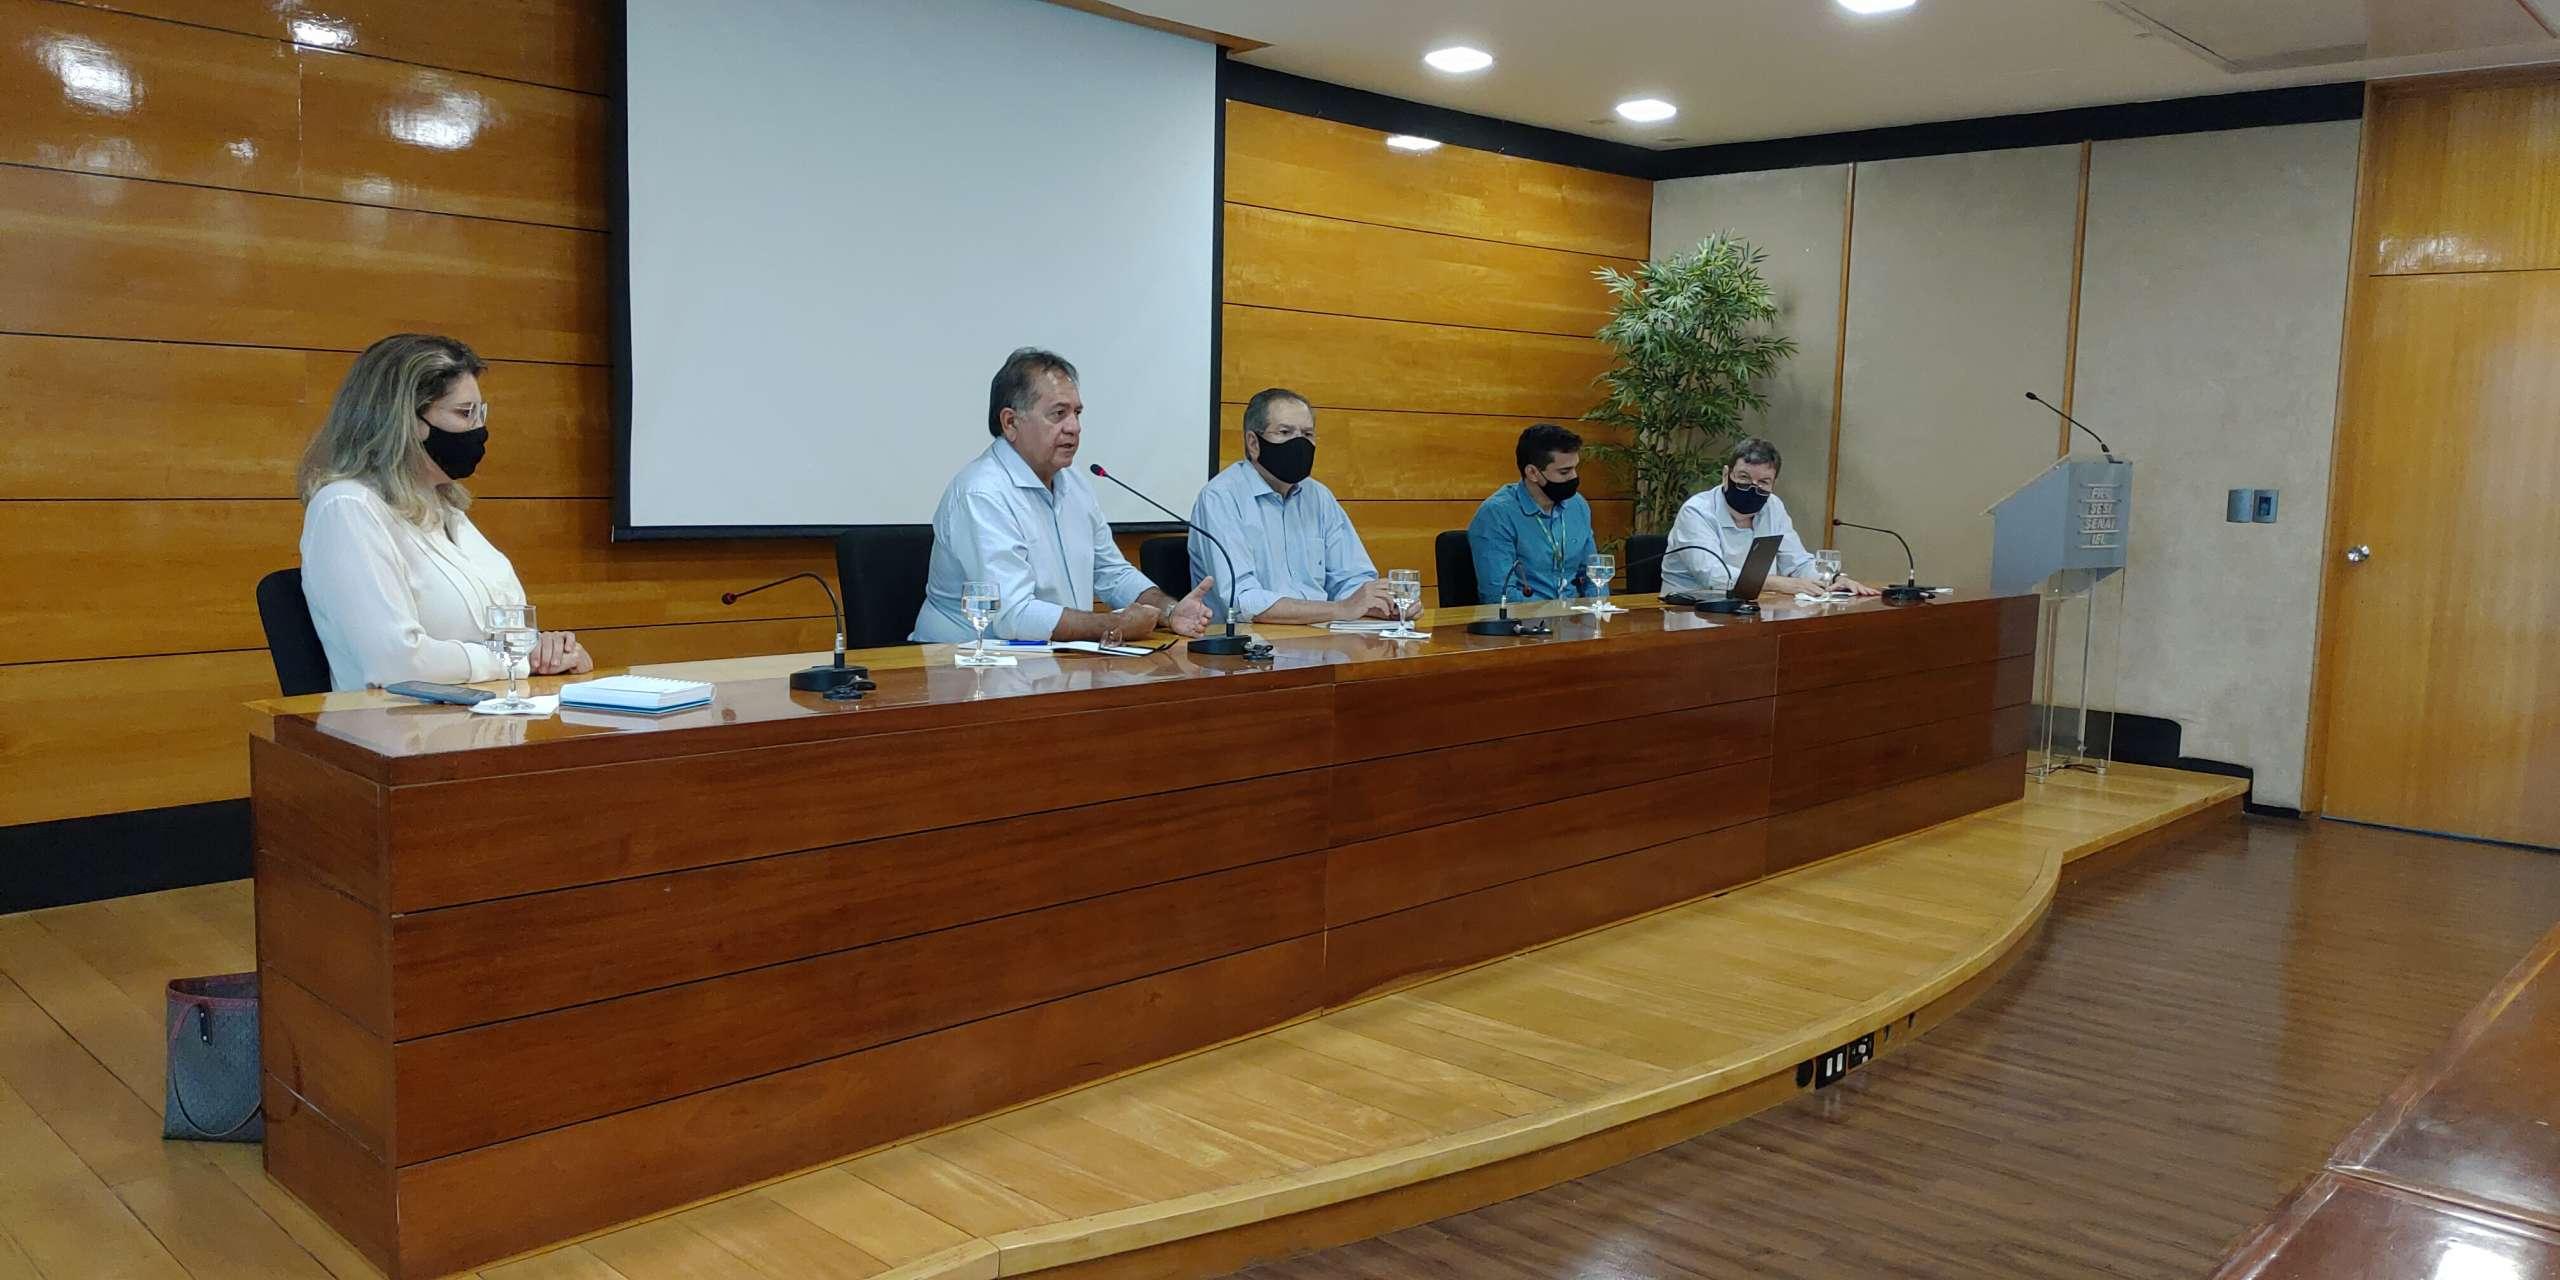 Representantes de SOP, CIPP, AECIPP, Enel e empresários discutem solução para interferências na CE-155